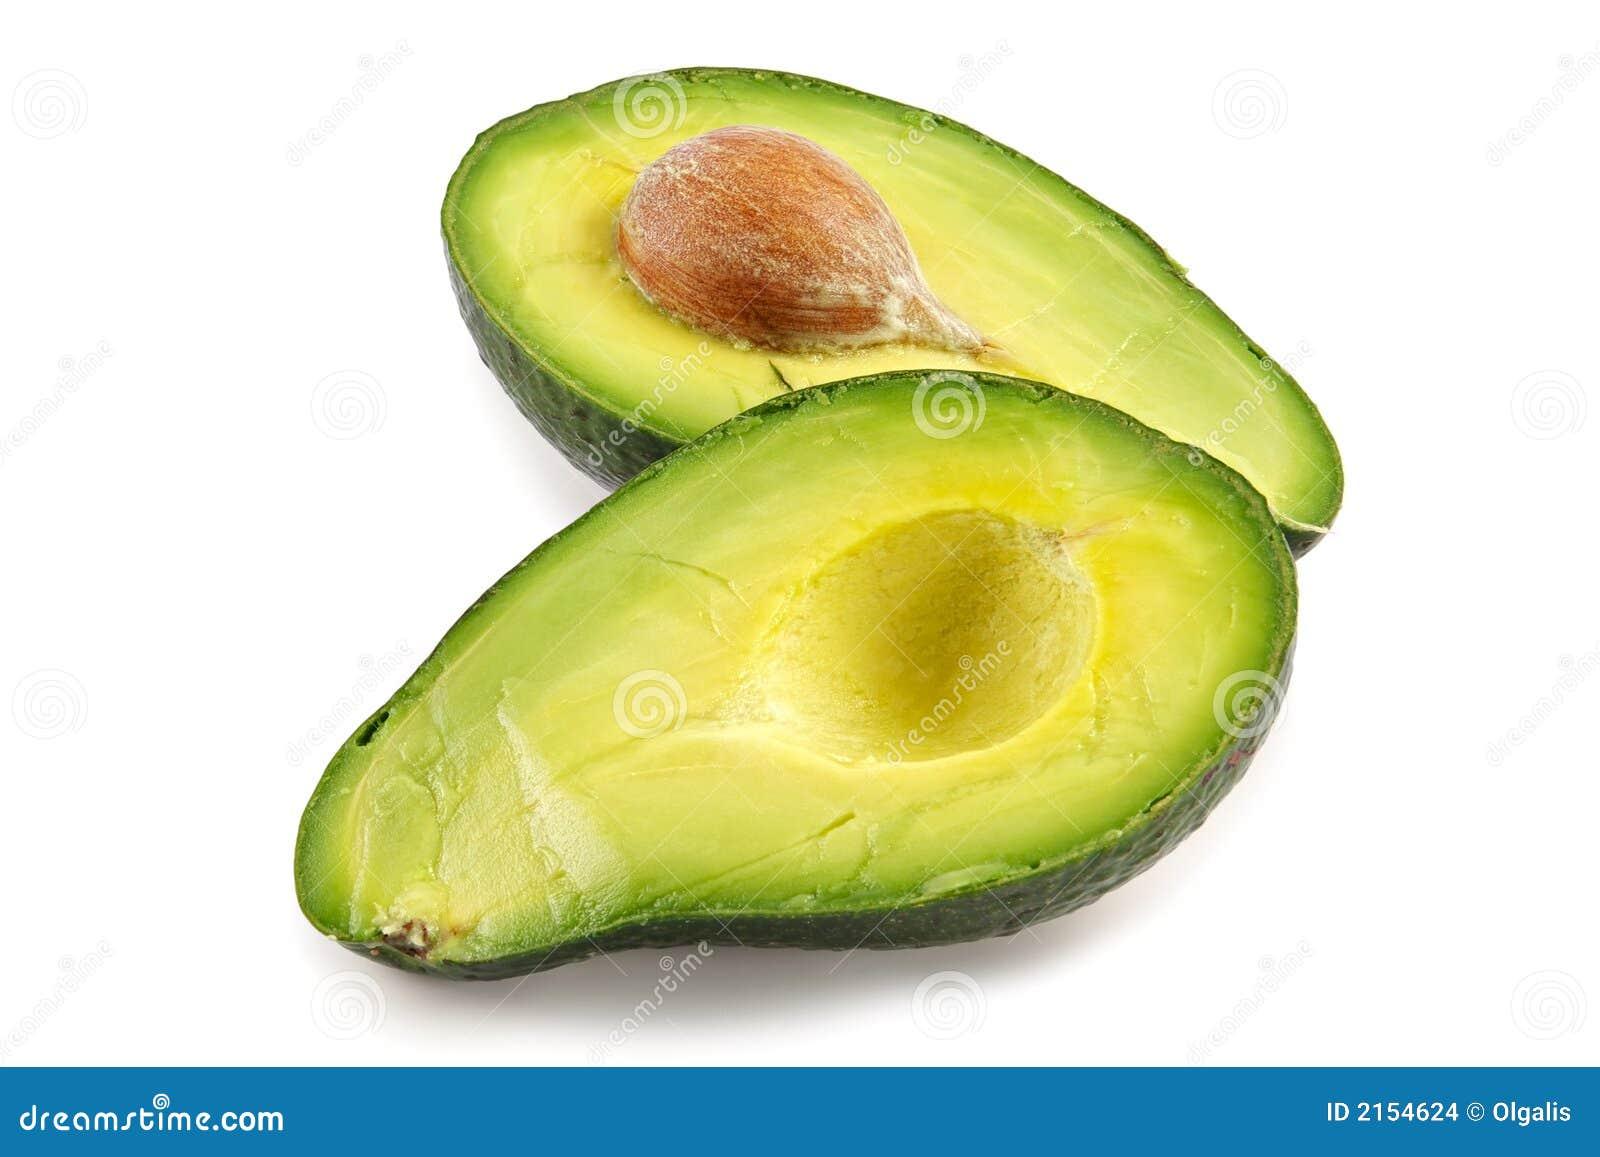 Nutritious oljigt för avokadofrukt